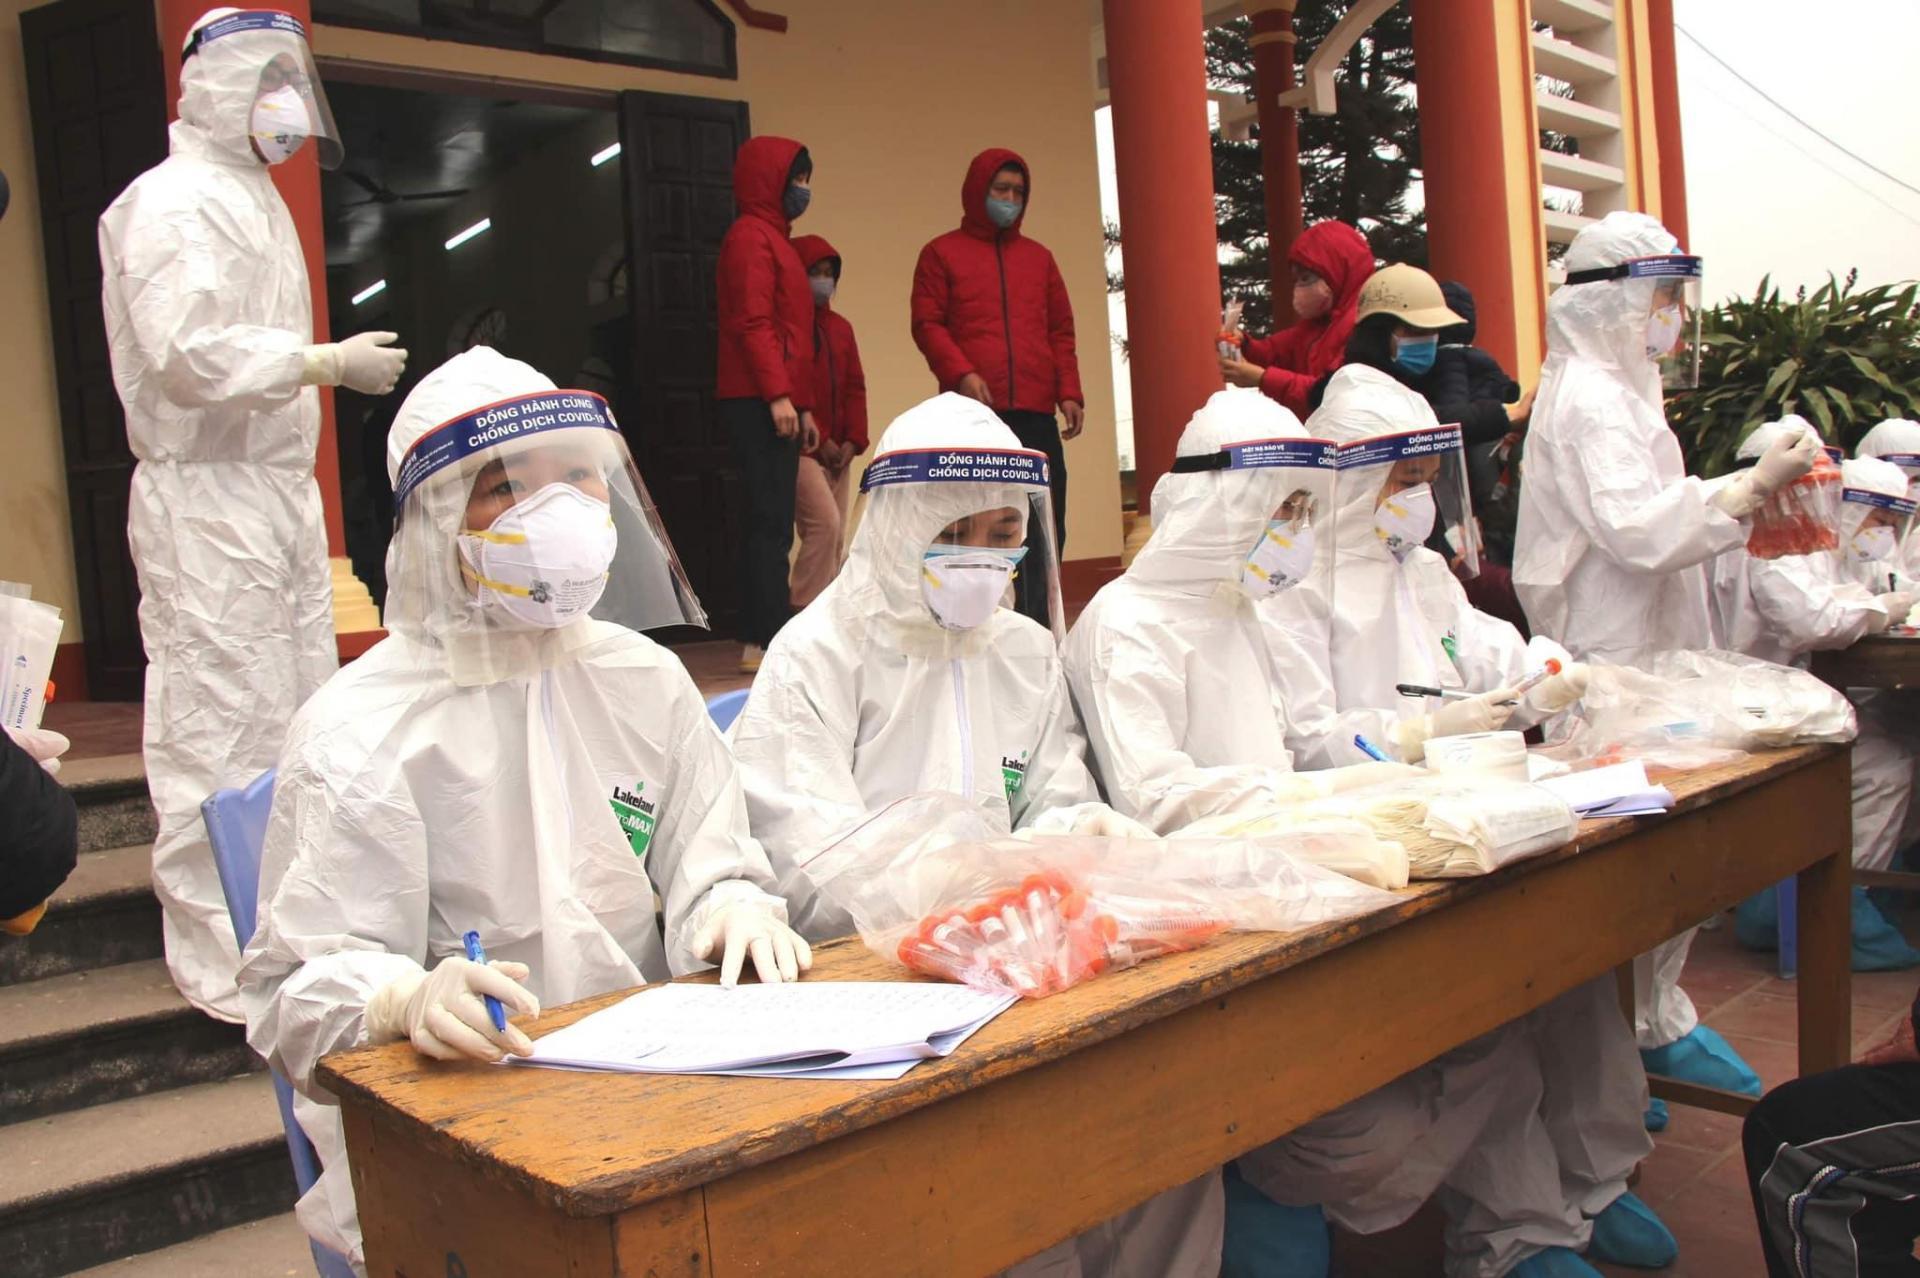 Lấy mẫu xét nghiệm SARS-CoV-2 cho người dân ở TP Chí Linh- Hải Dương